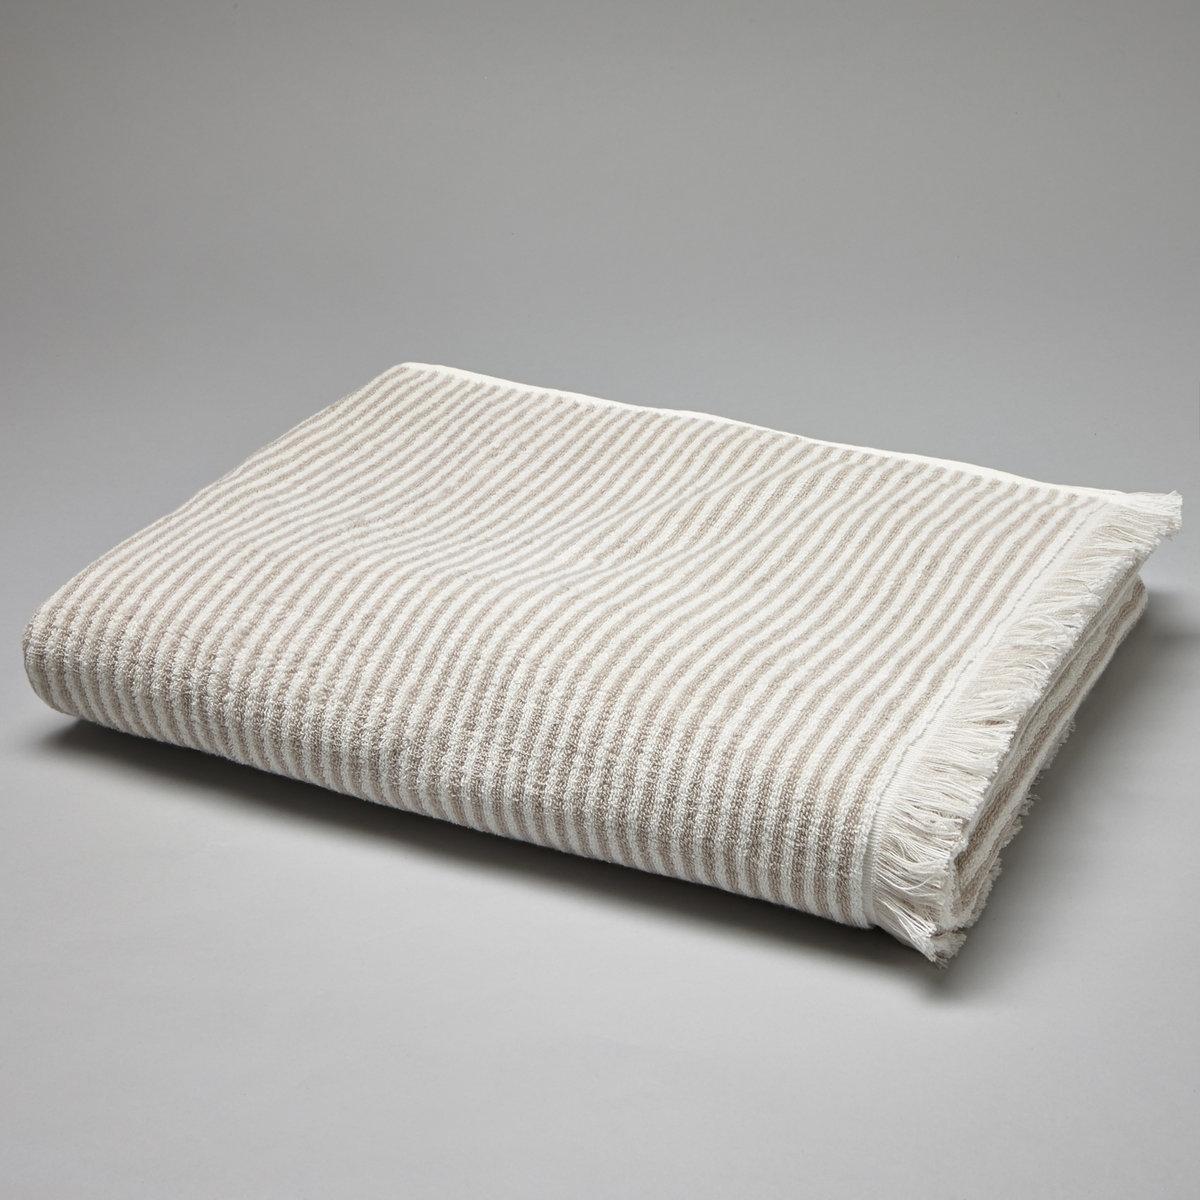 Полотенце банное в полоску из махровой ткани HARMONYОписание:Красивый и элегантный рисунок в полоску, банное полотенце из махровой ткани Harmony современных и оригинальных расцветок. Сделано в Португалии.Характеристики банного полотенца Harmony :Махровая ткань с жаккардовым рисунком, 100% хлопок, 500 г/м?.Рисунок в полоску на белом фоне, отделка бахромой.Машинная стирка при 60° и барабанная сушка.Размеры банного полотенца Harmony :70 x 140 смОткройте для себя всю коллекцию Harmony на сайте laredoute.ruЗнак Oeko-Tex® гарантирует, что товары протестированы и сертифицированы и не содержат вредных для здоровья веществ.<br><br>Цвет: серо-бежевый,Серо-синий